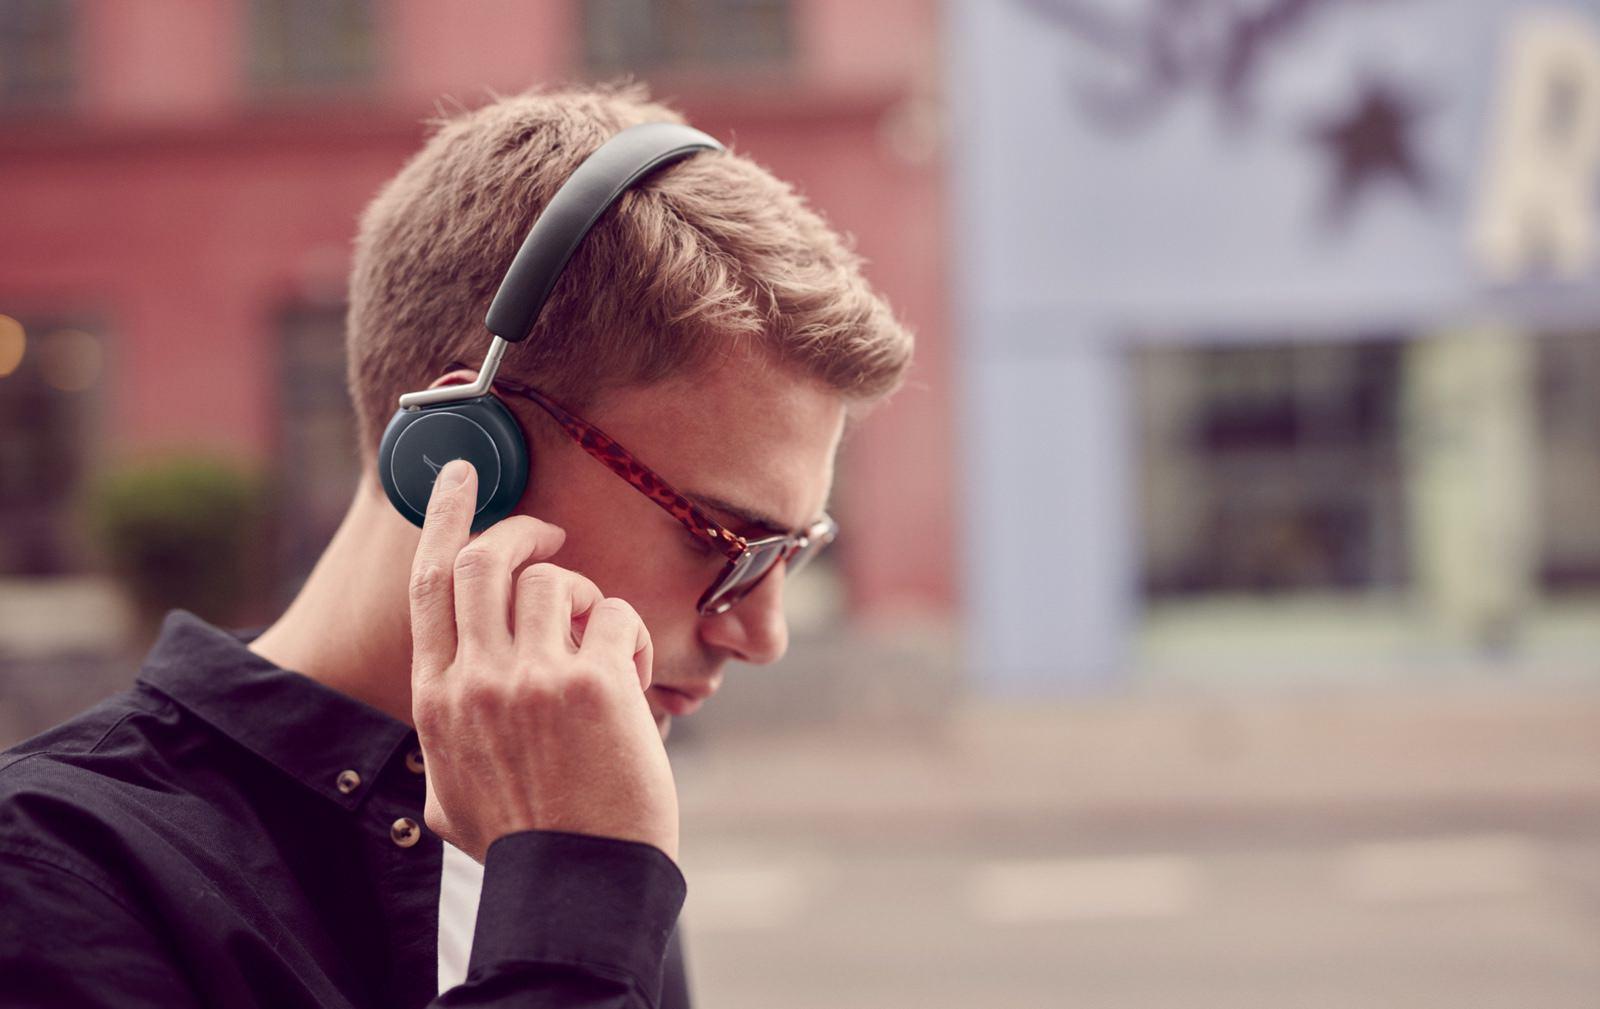 Libratone Q Adapt headphones